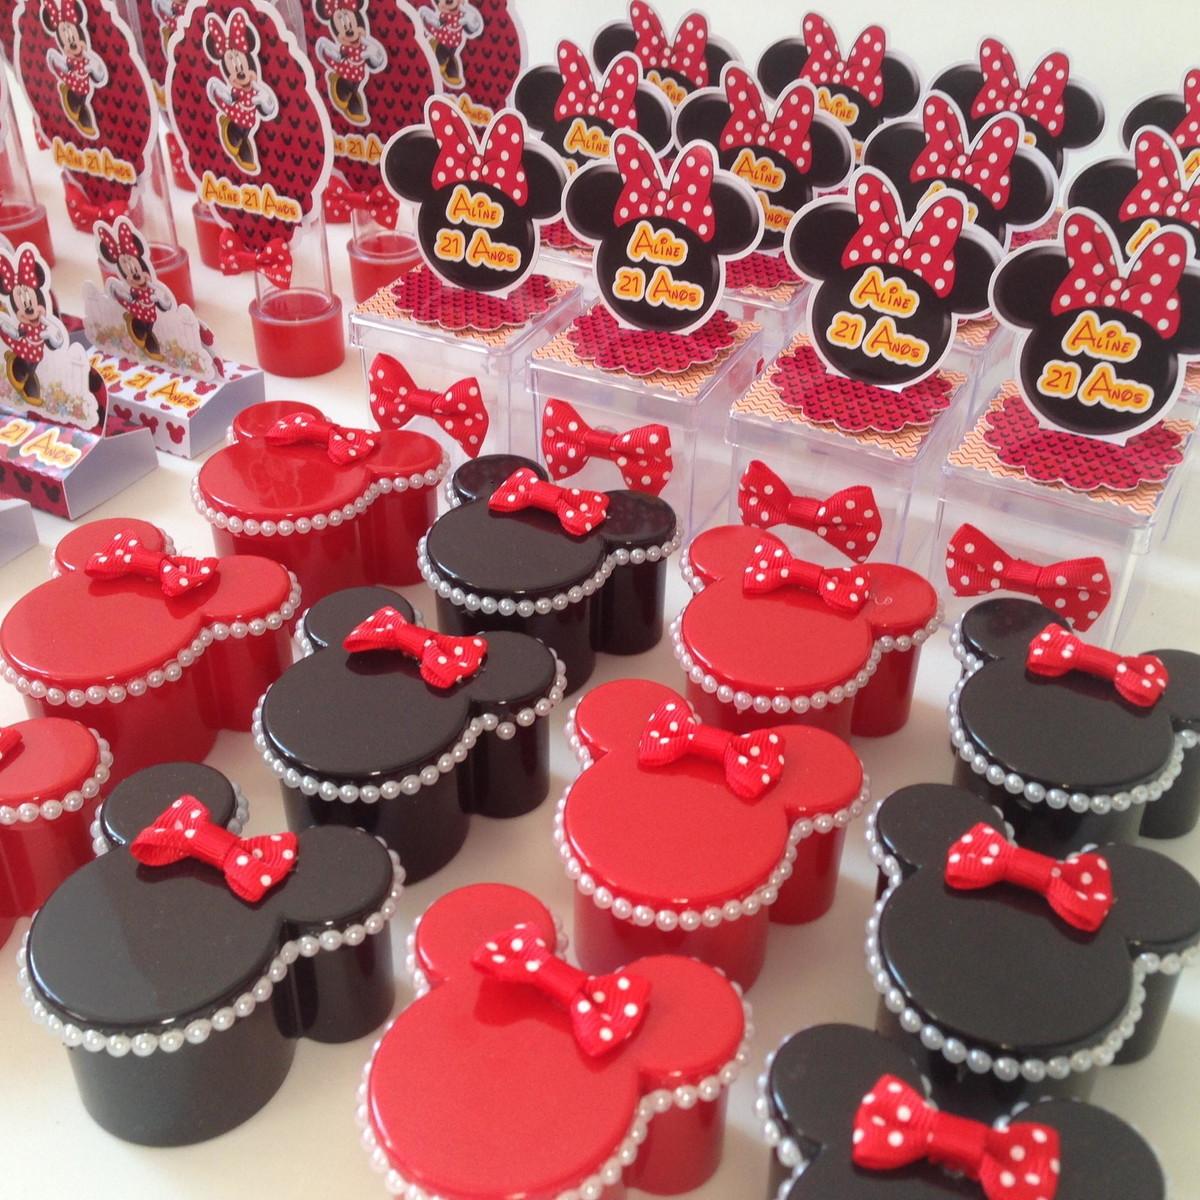 KIT FESTA MINNIE VERMELHA no Elo7 CECI FESTAS (9A1F25) -> Decoraçao De Festa Da Minnie Vermelha Simples